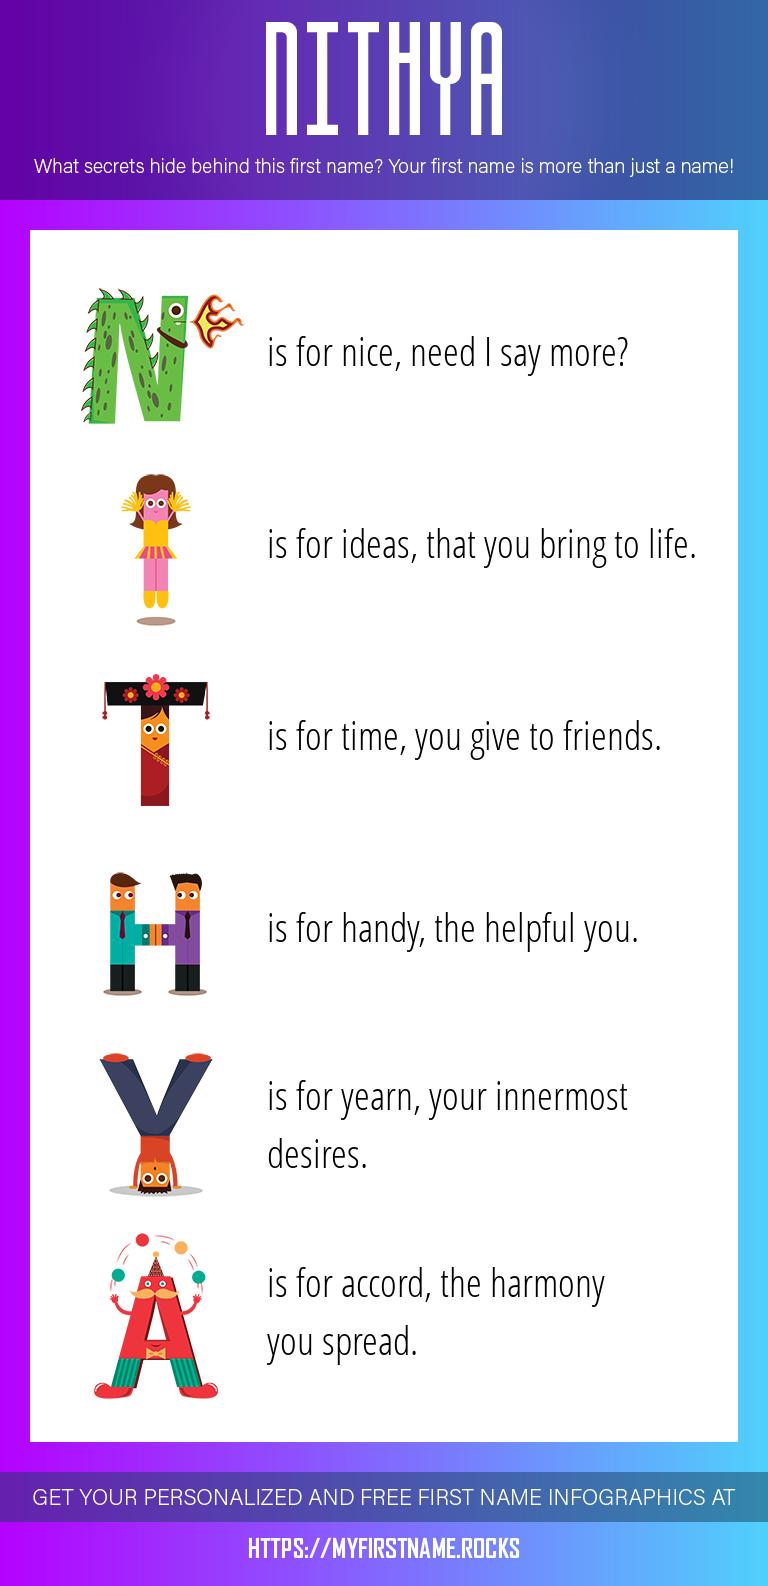 Nithya Infographics